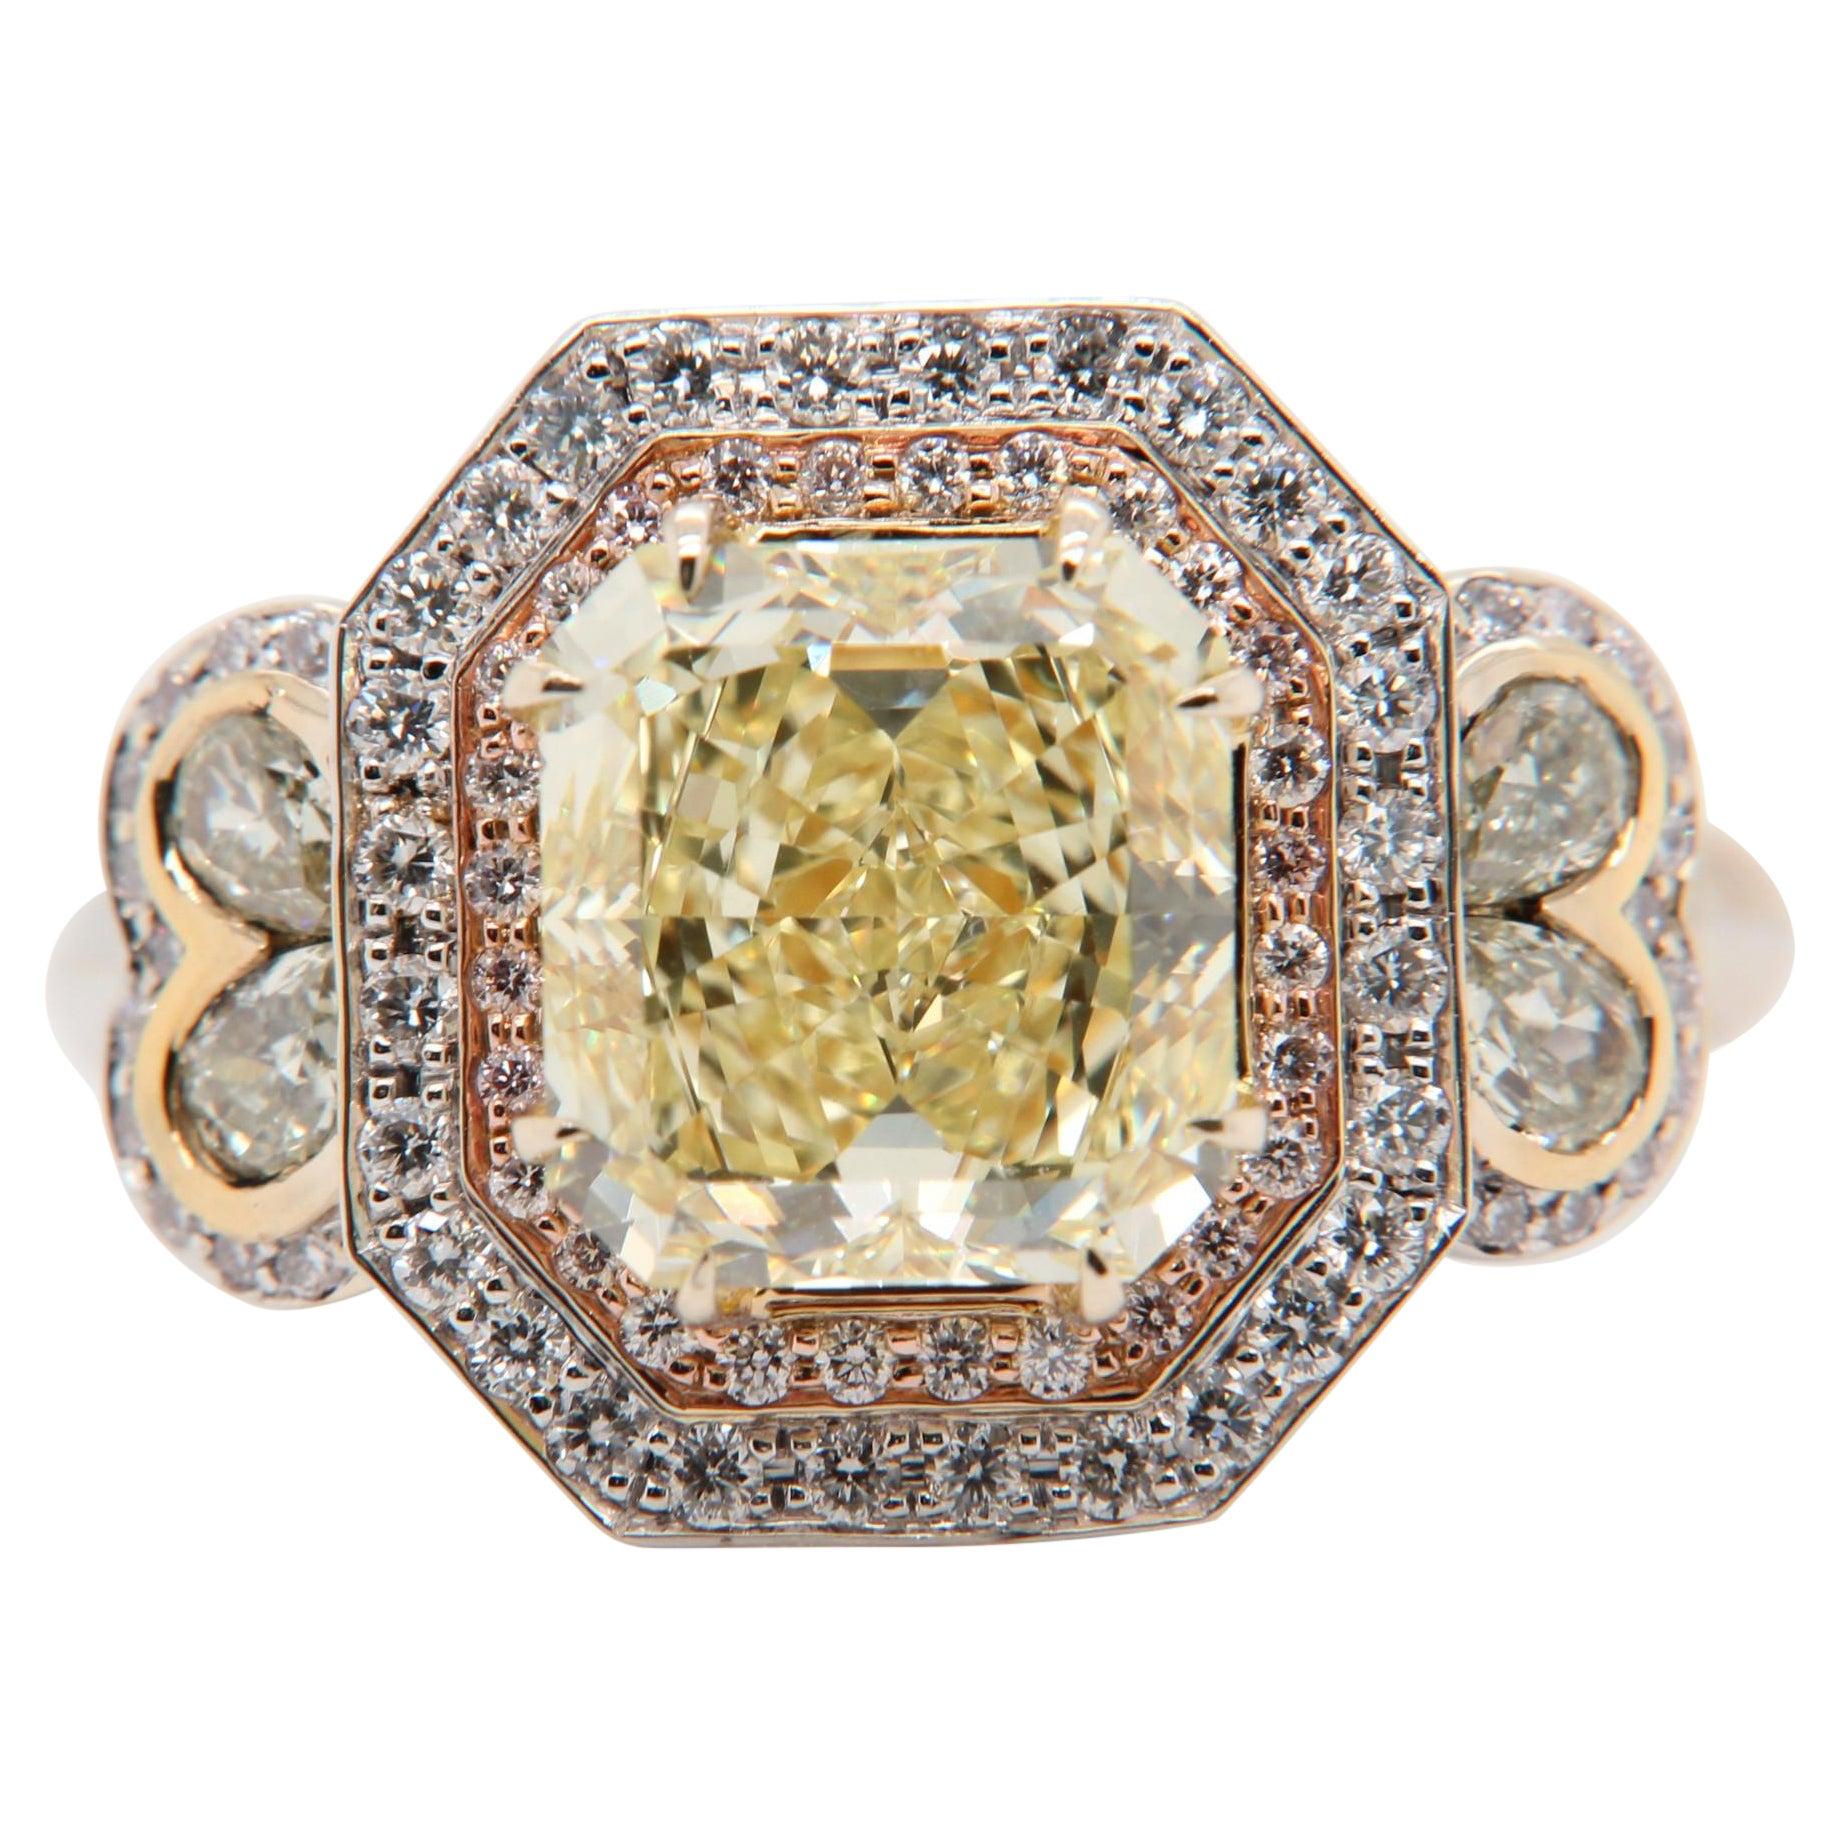 GIA Certified 3.43 Carat Fancy Yellow Diamond Ring in 18 Karat Gold